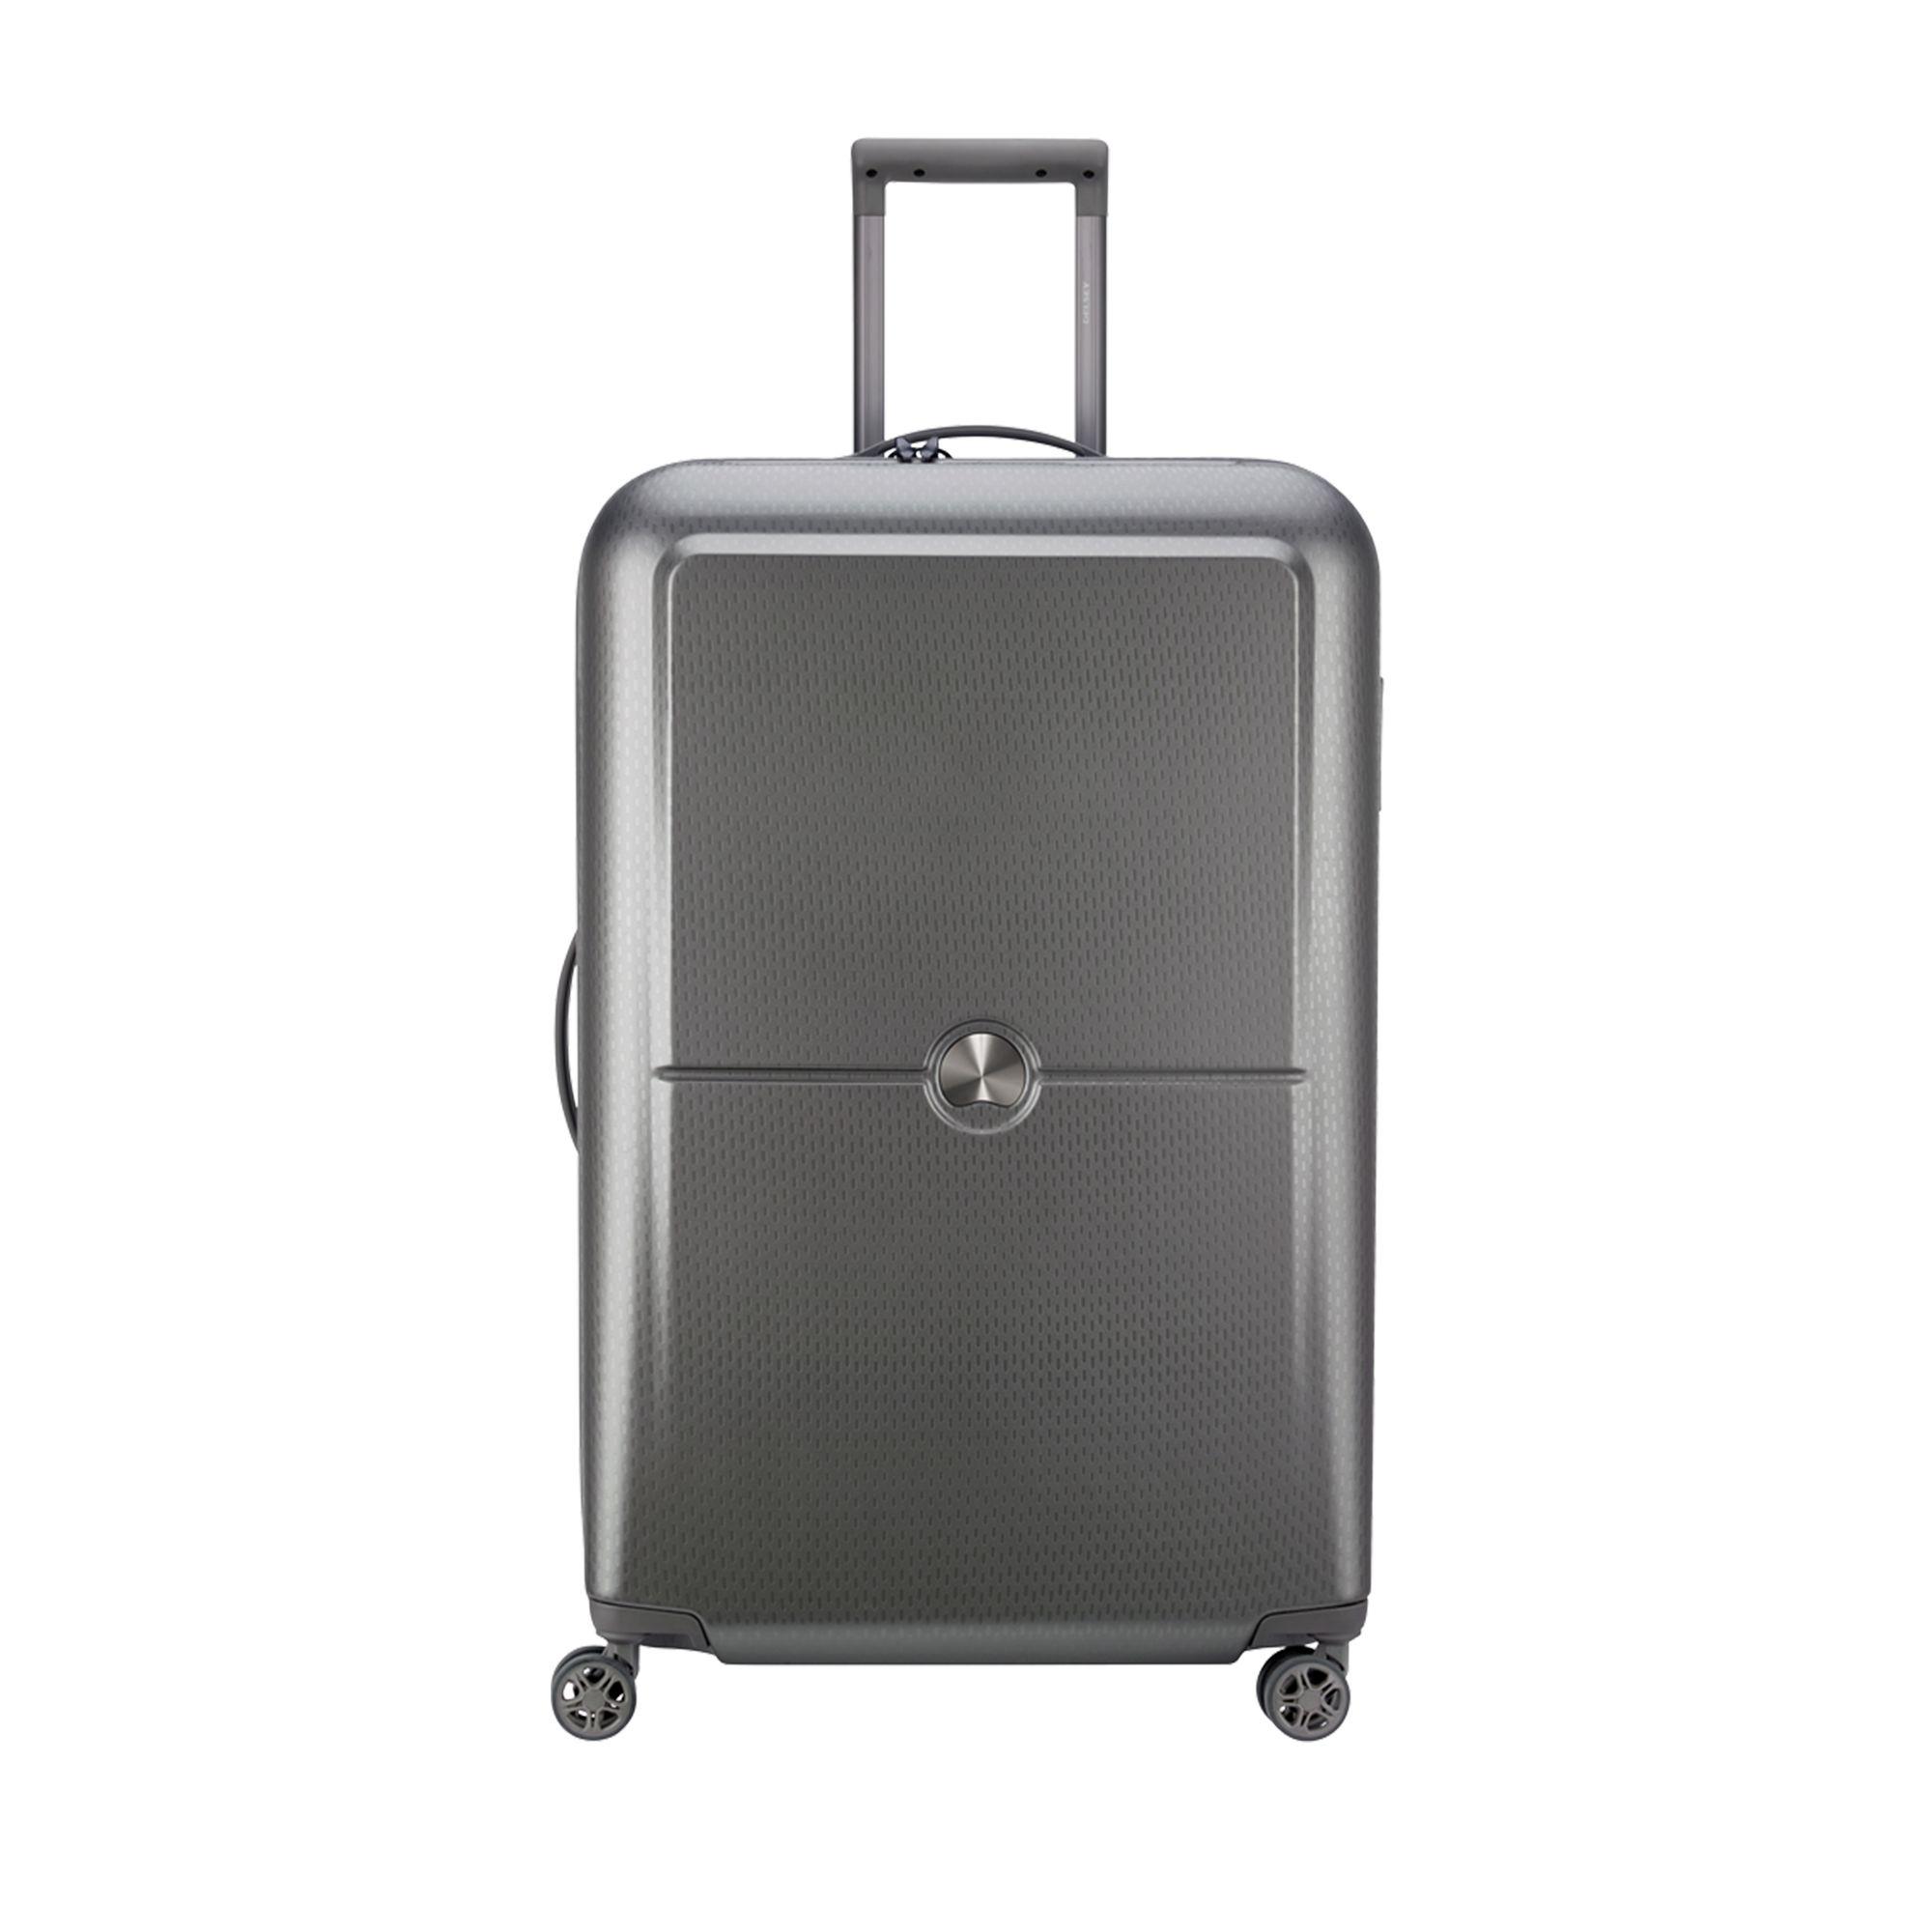 Delsey Turenne hård resväska, 4 hjul, 75 cm, Silver